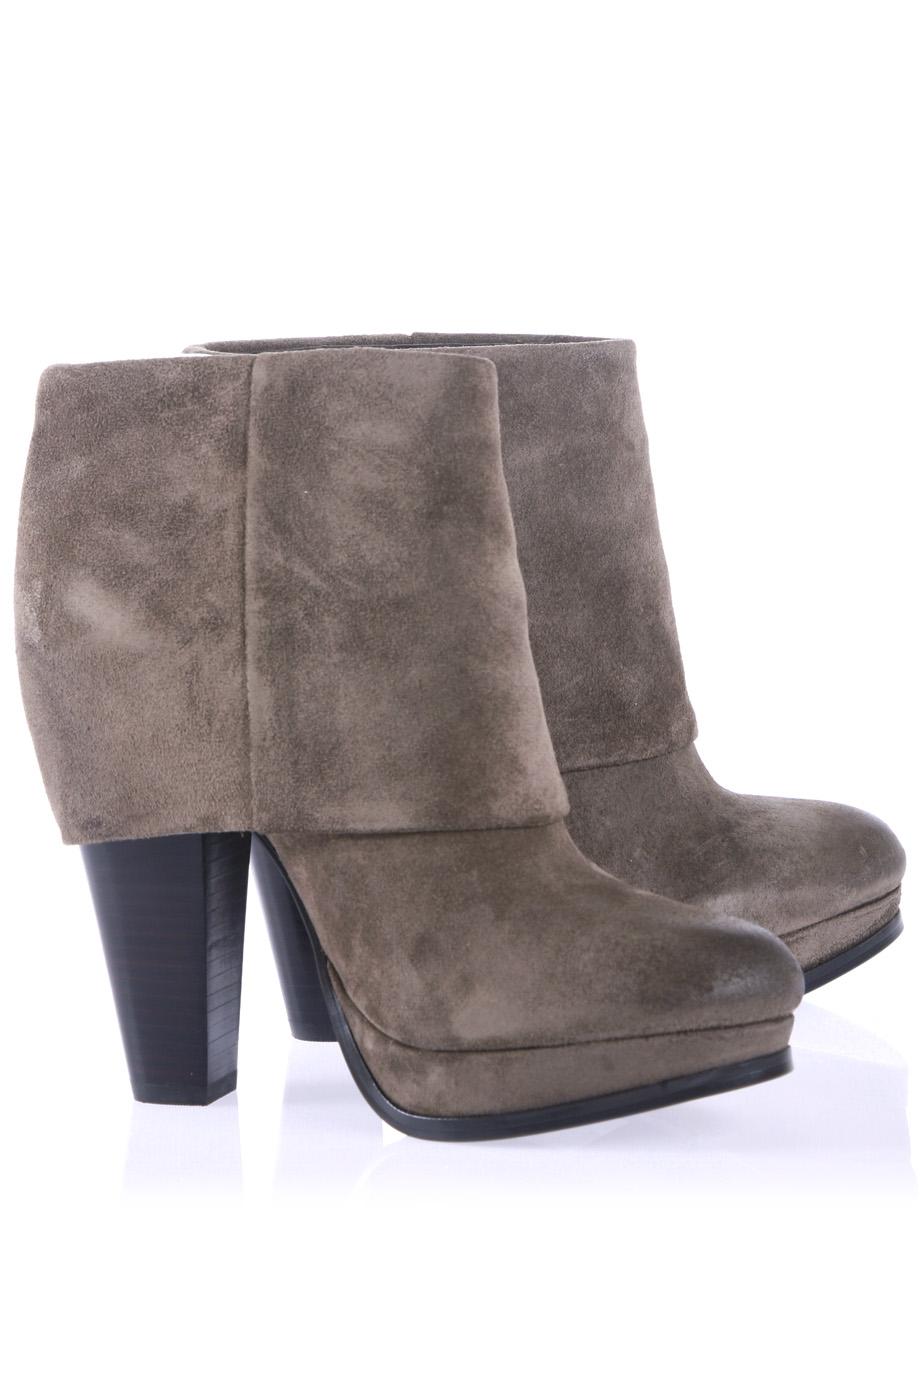 Γυναικεία παπούτσια ASH - Προσφορές  b4e4c72ee45